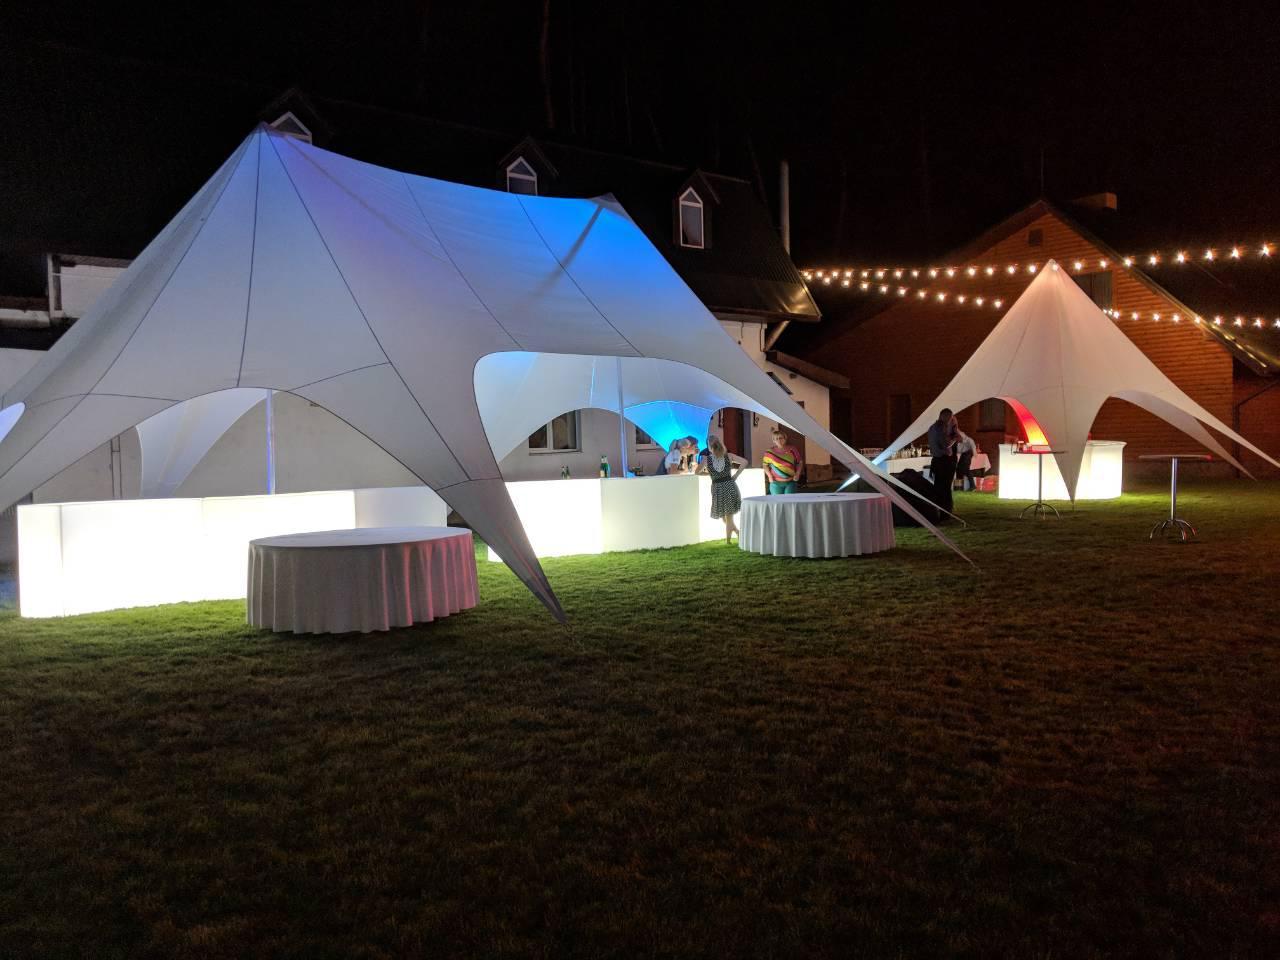 Аренда палатки Звезда двукупольная на 55 кв.метров